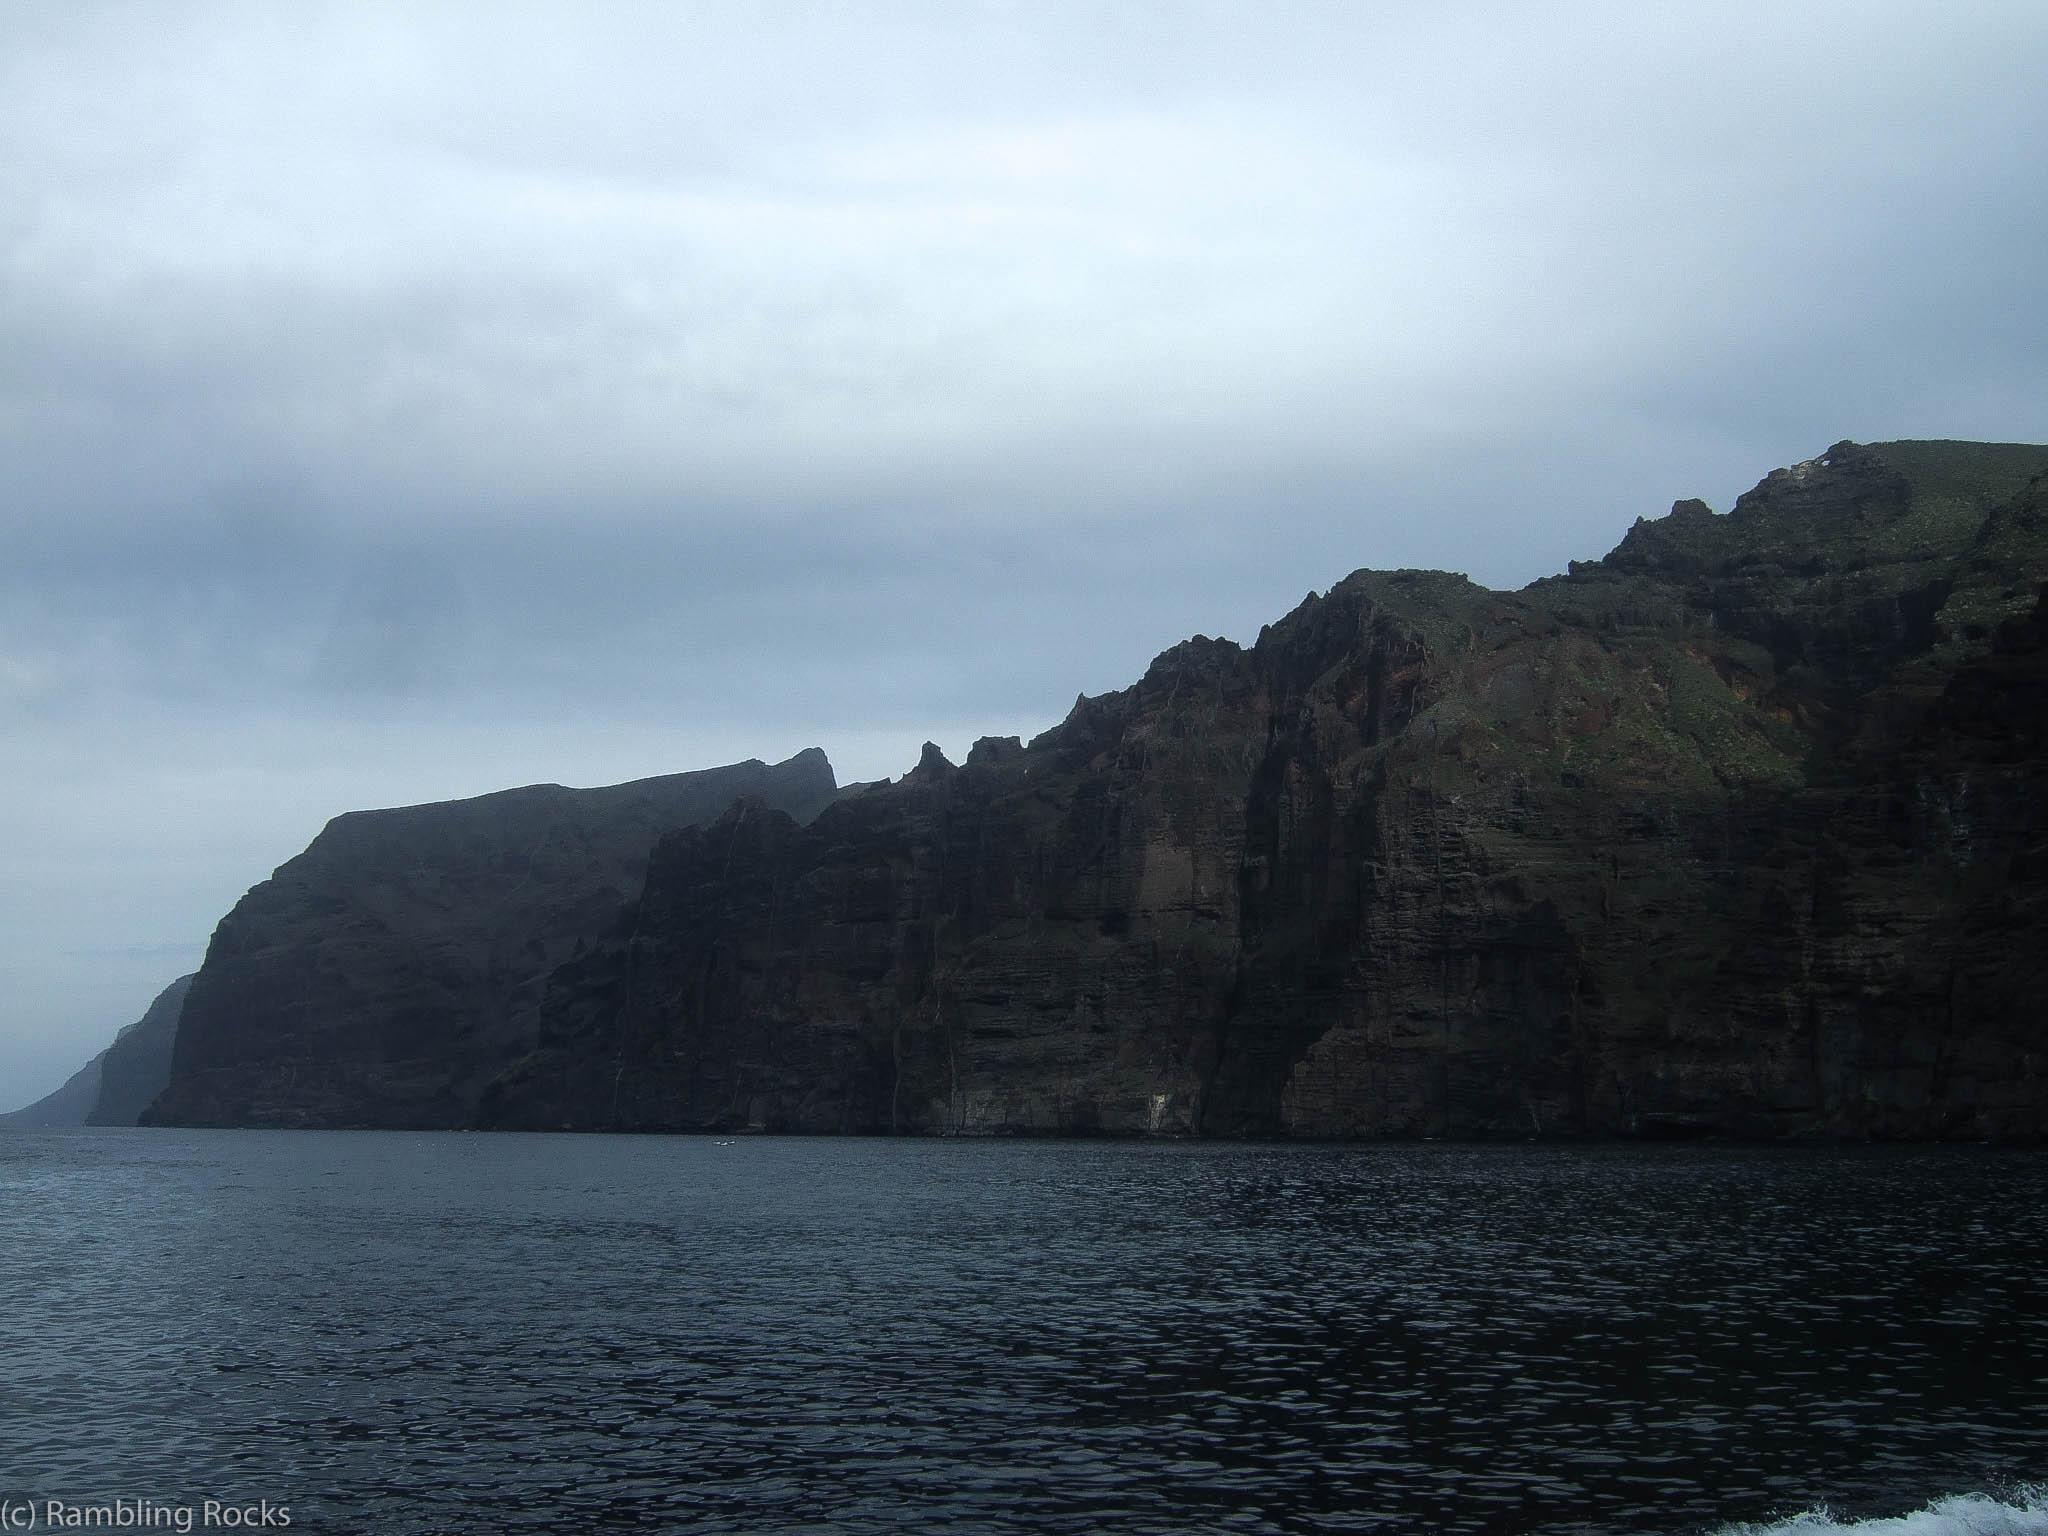 Los Gigantes Geologie